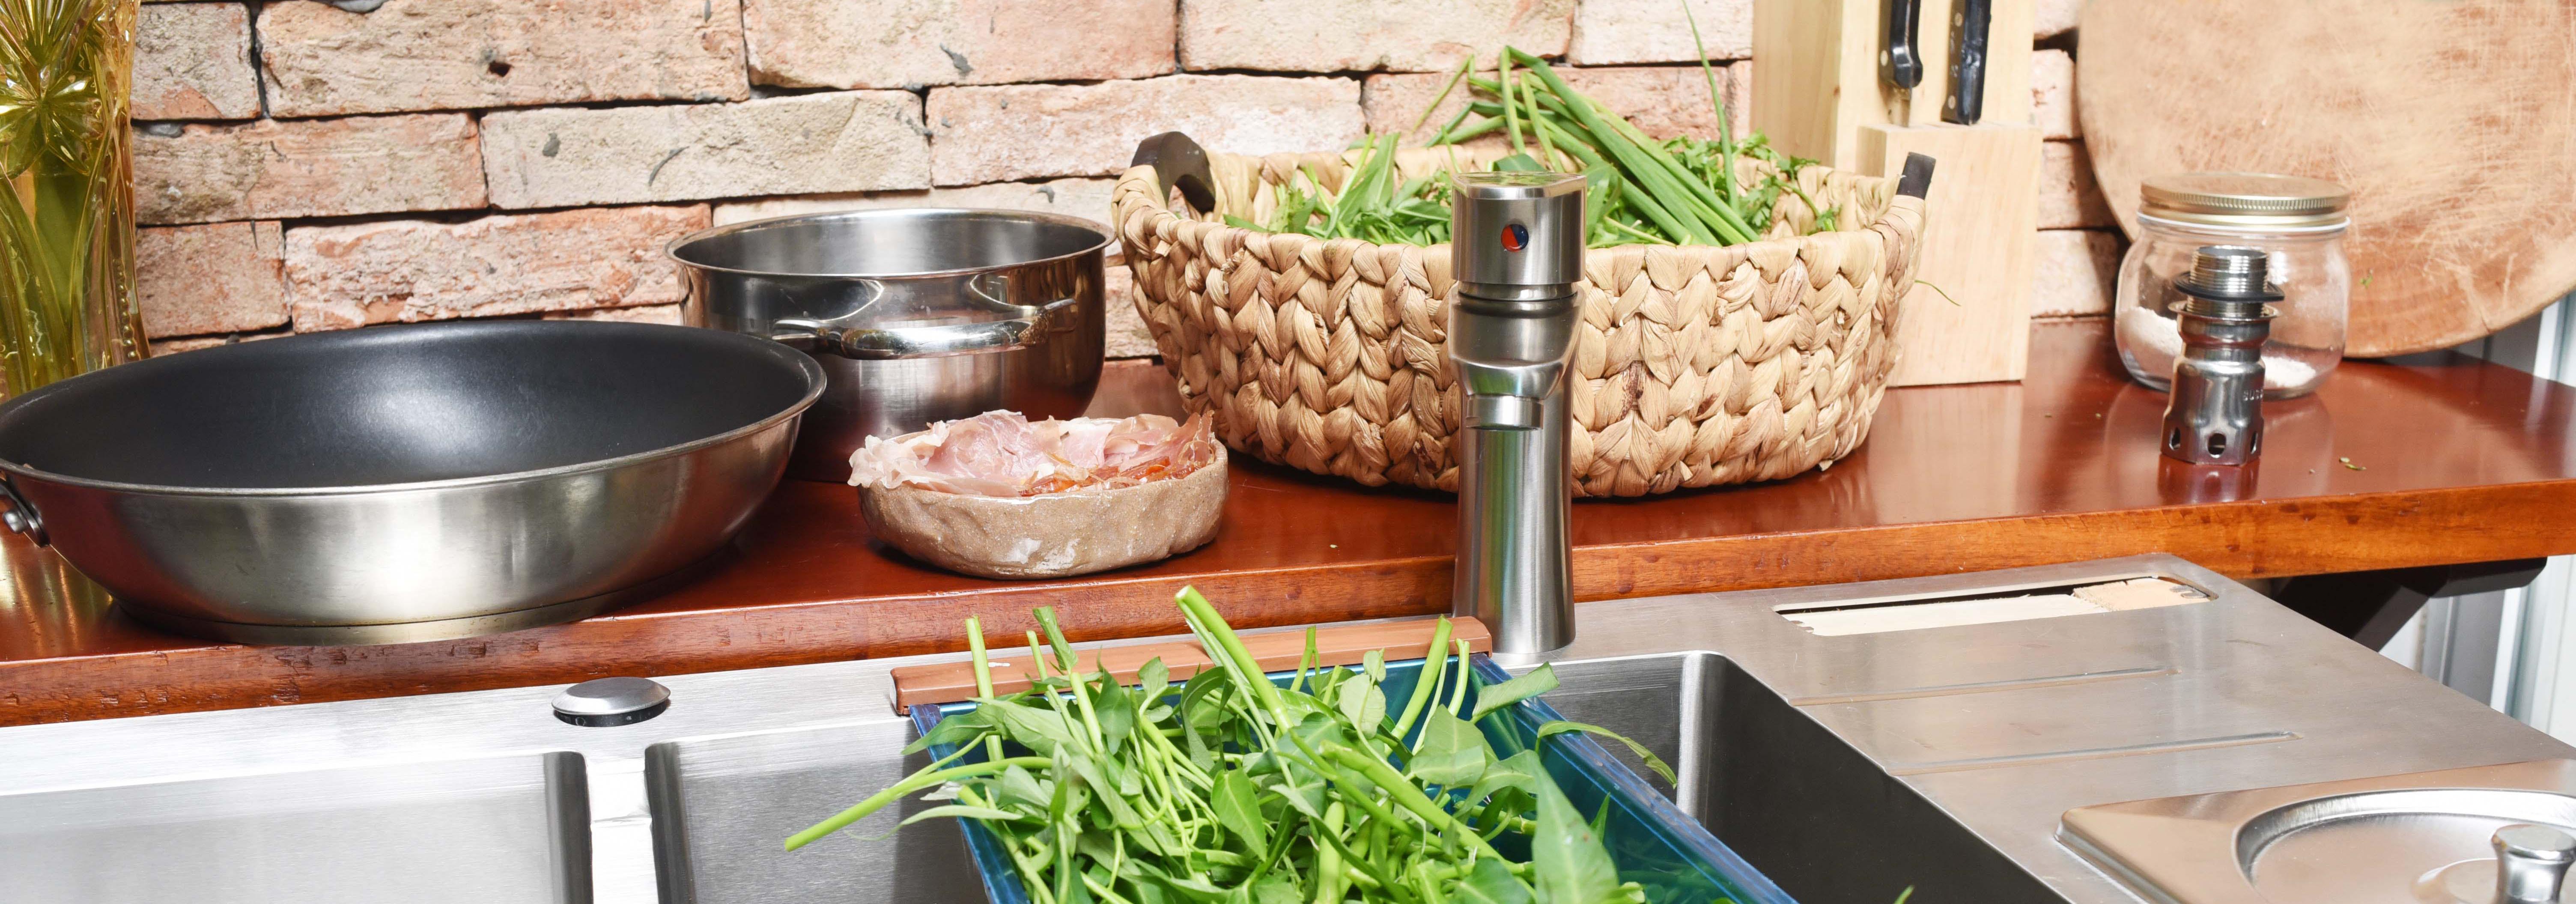 Loạt sản phẩm nhà tắm - nhà bếp đầy mê hoặc mang thương hiệu Hita